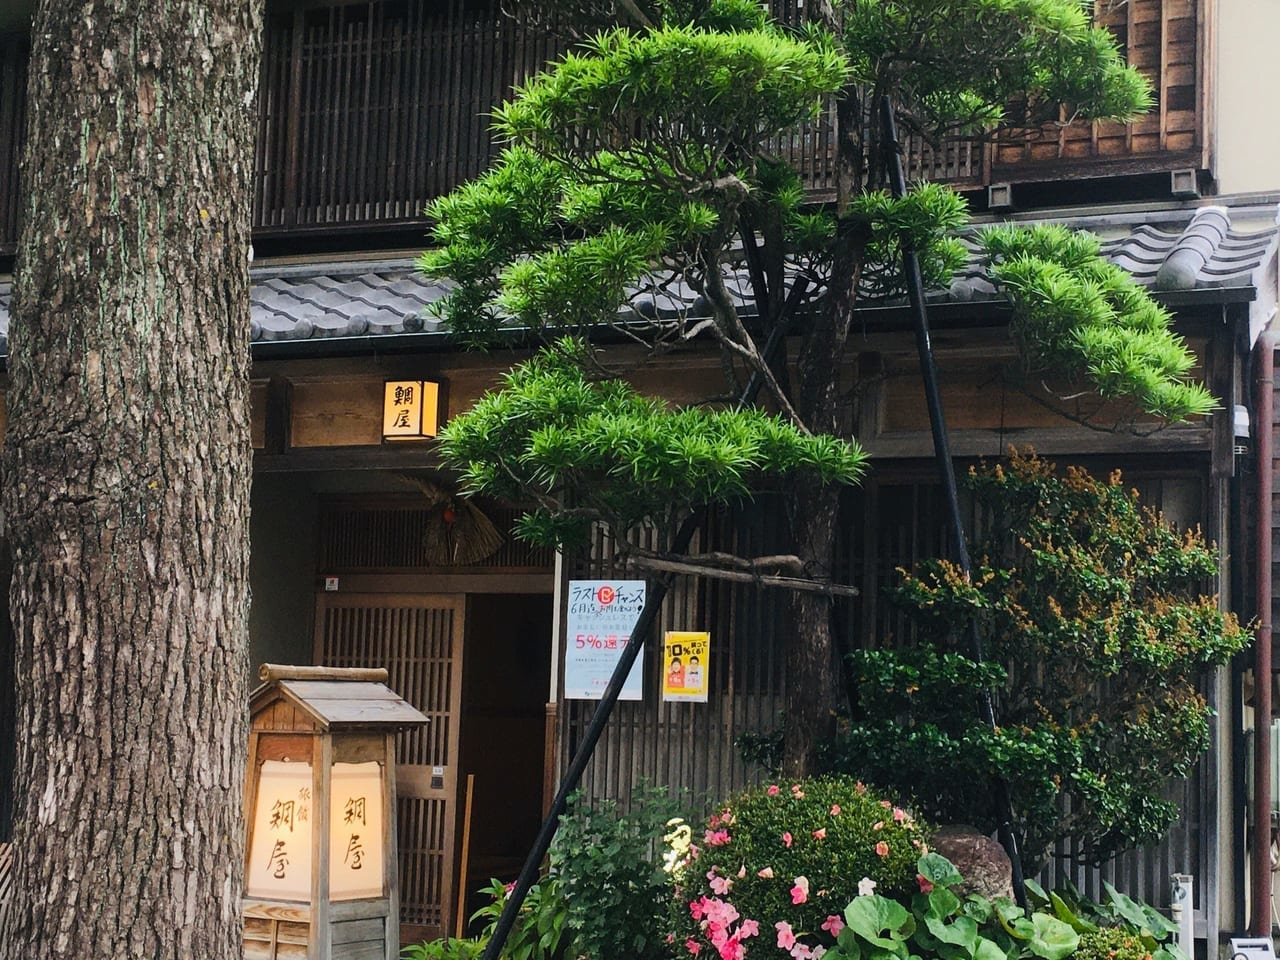 鯛屋旅館の入口付近